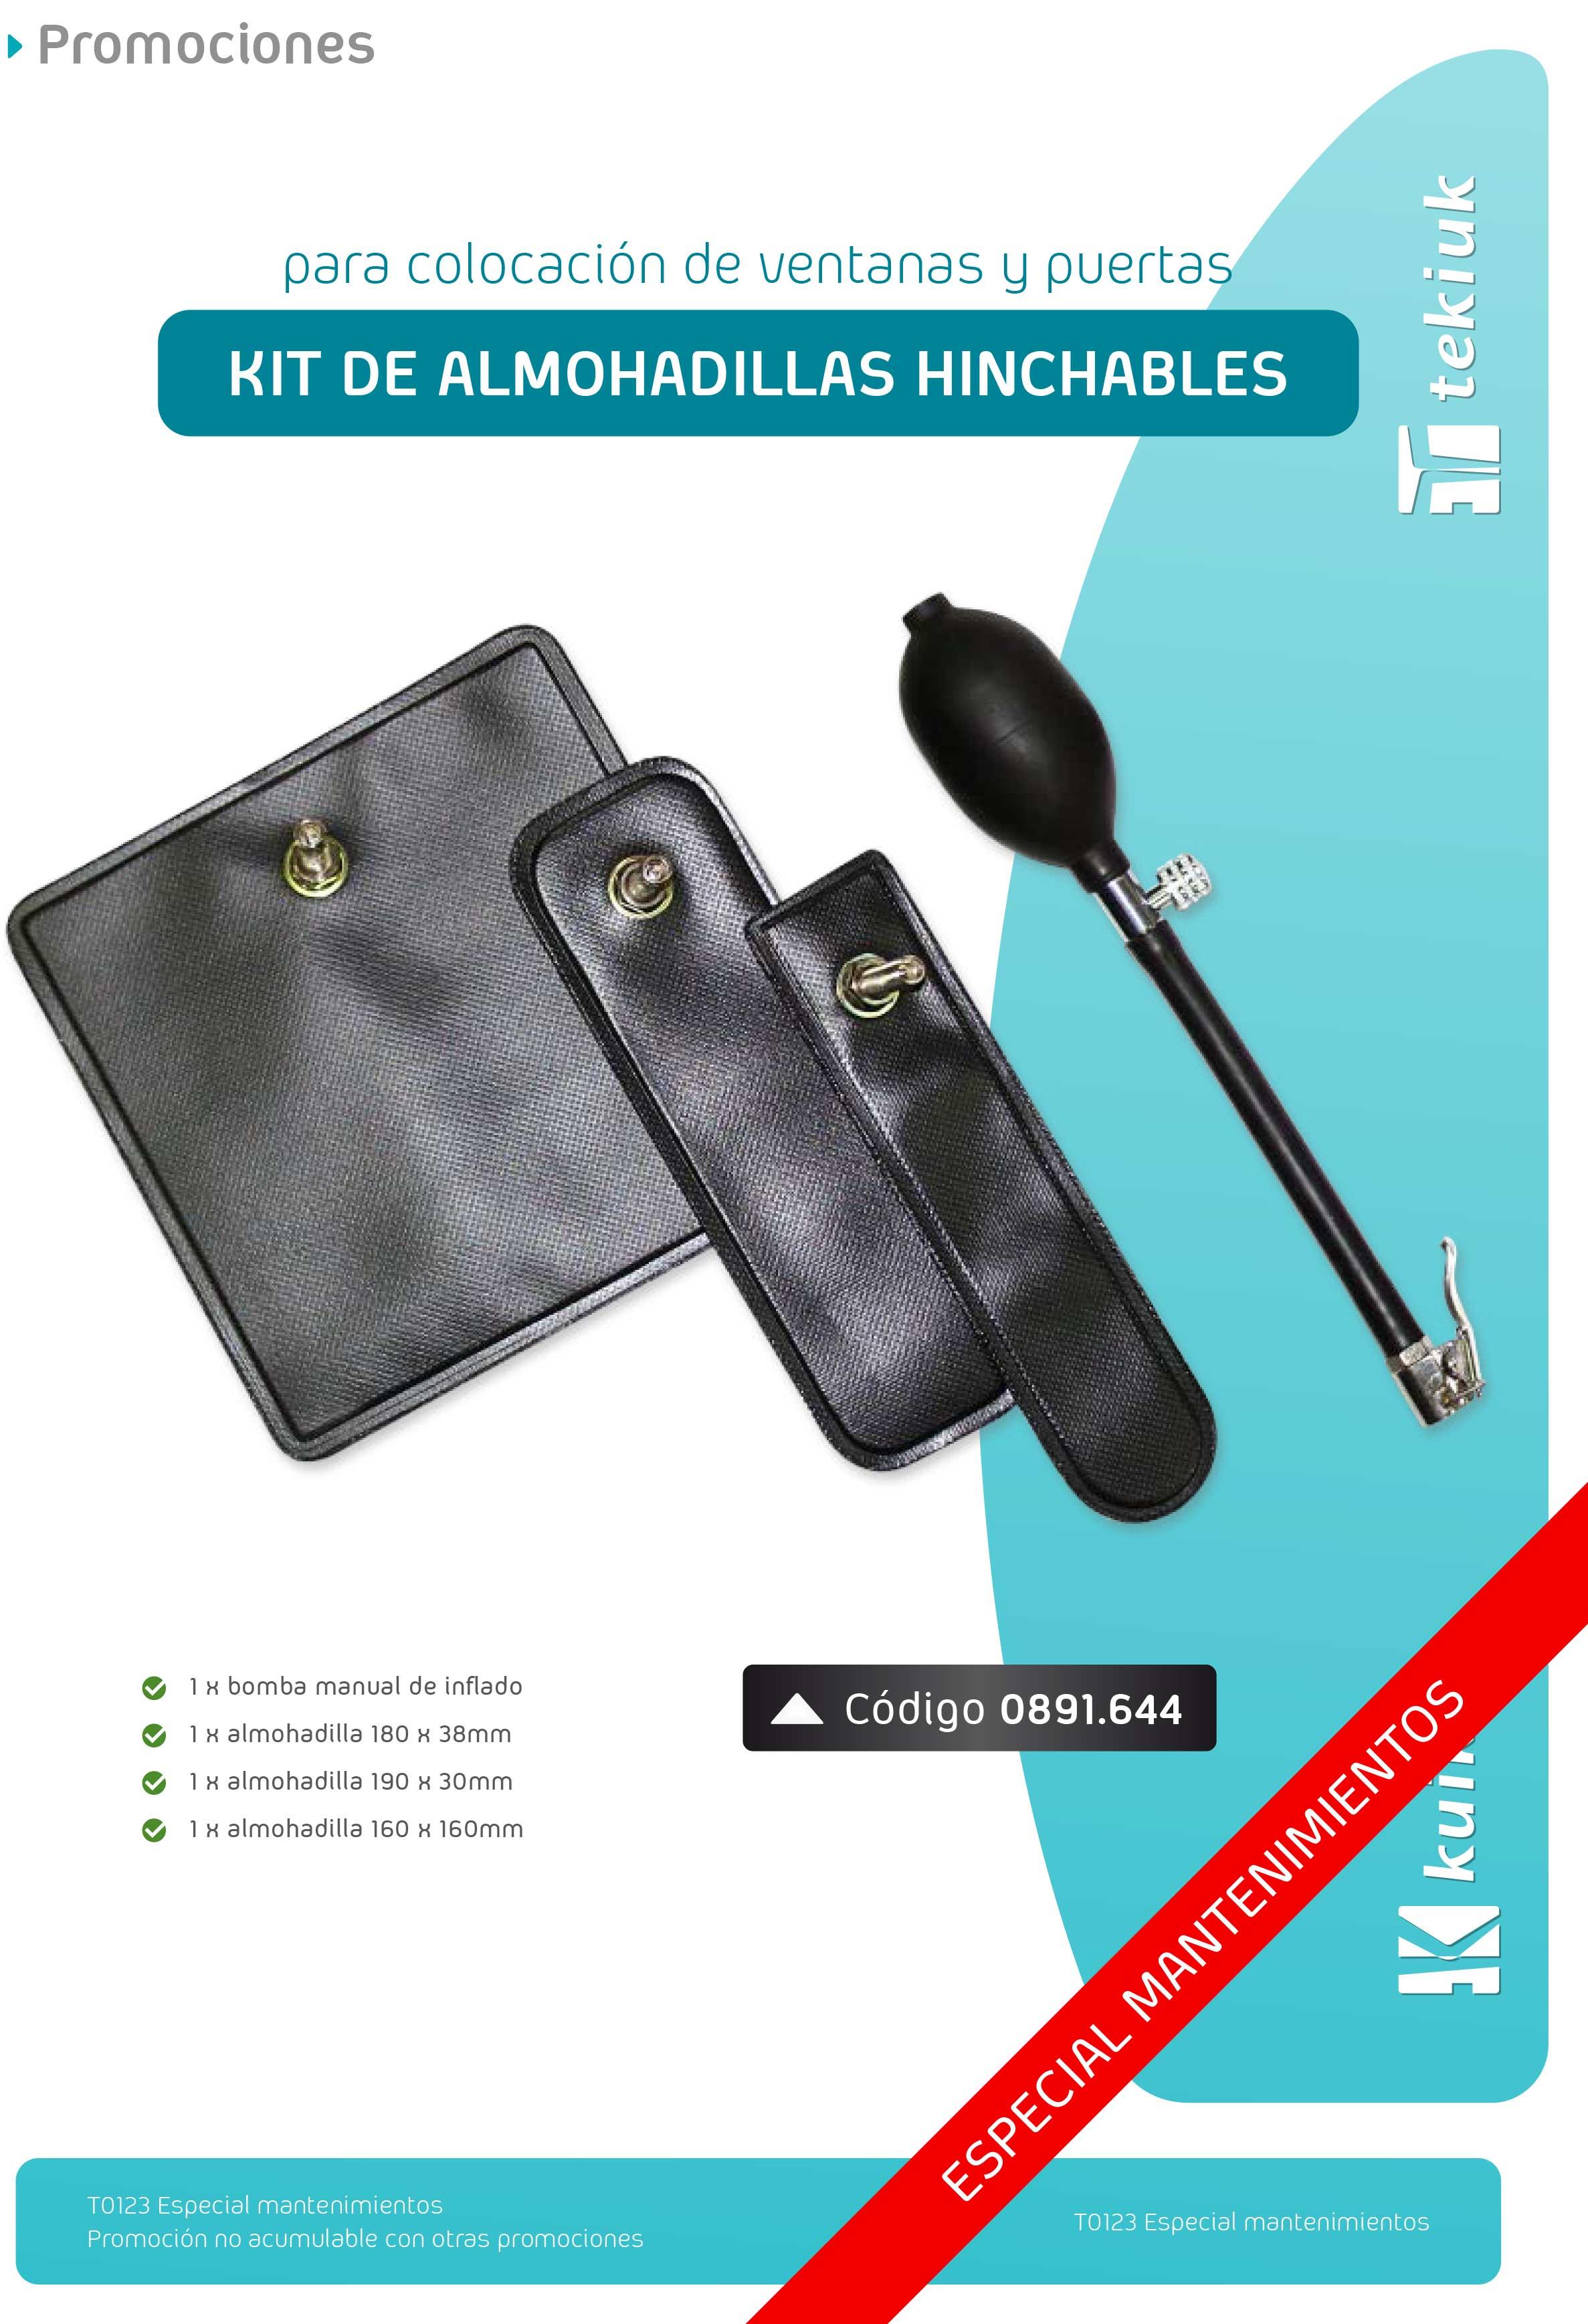 T0123 Kit de almohadillas hinchables